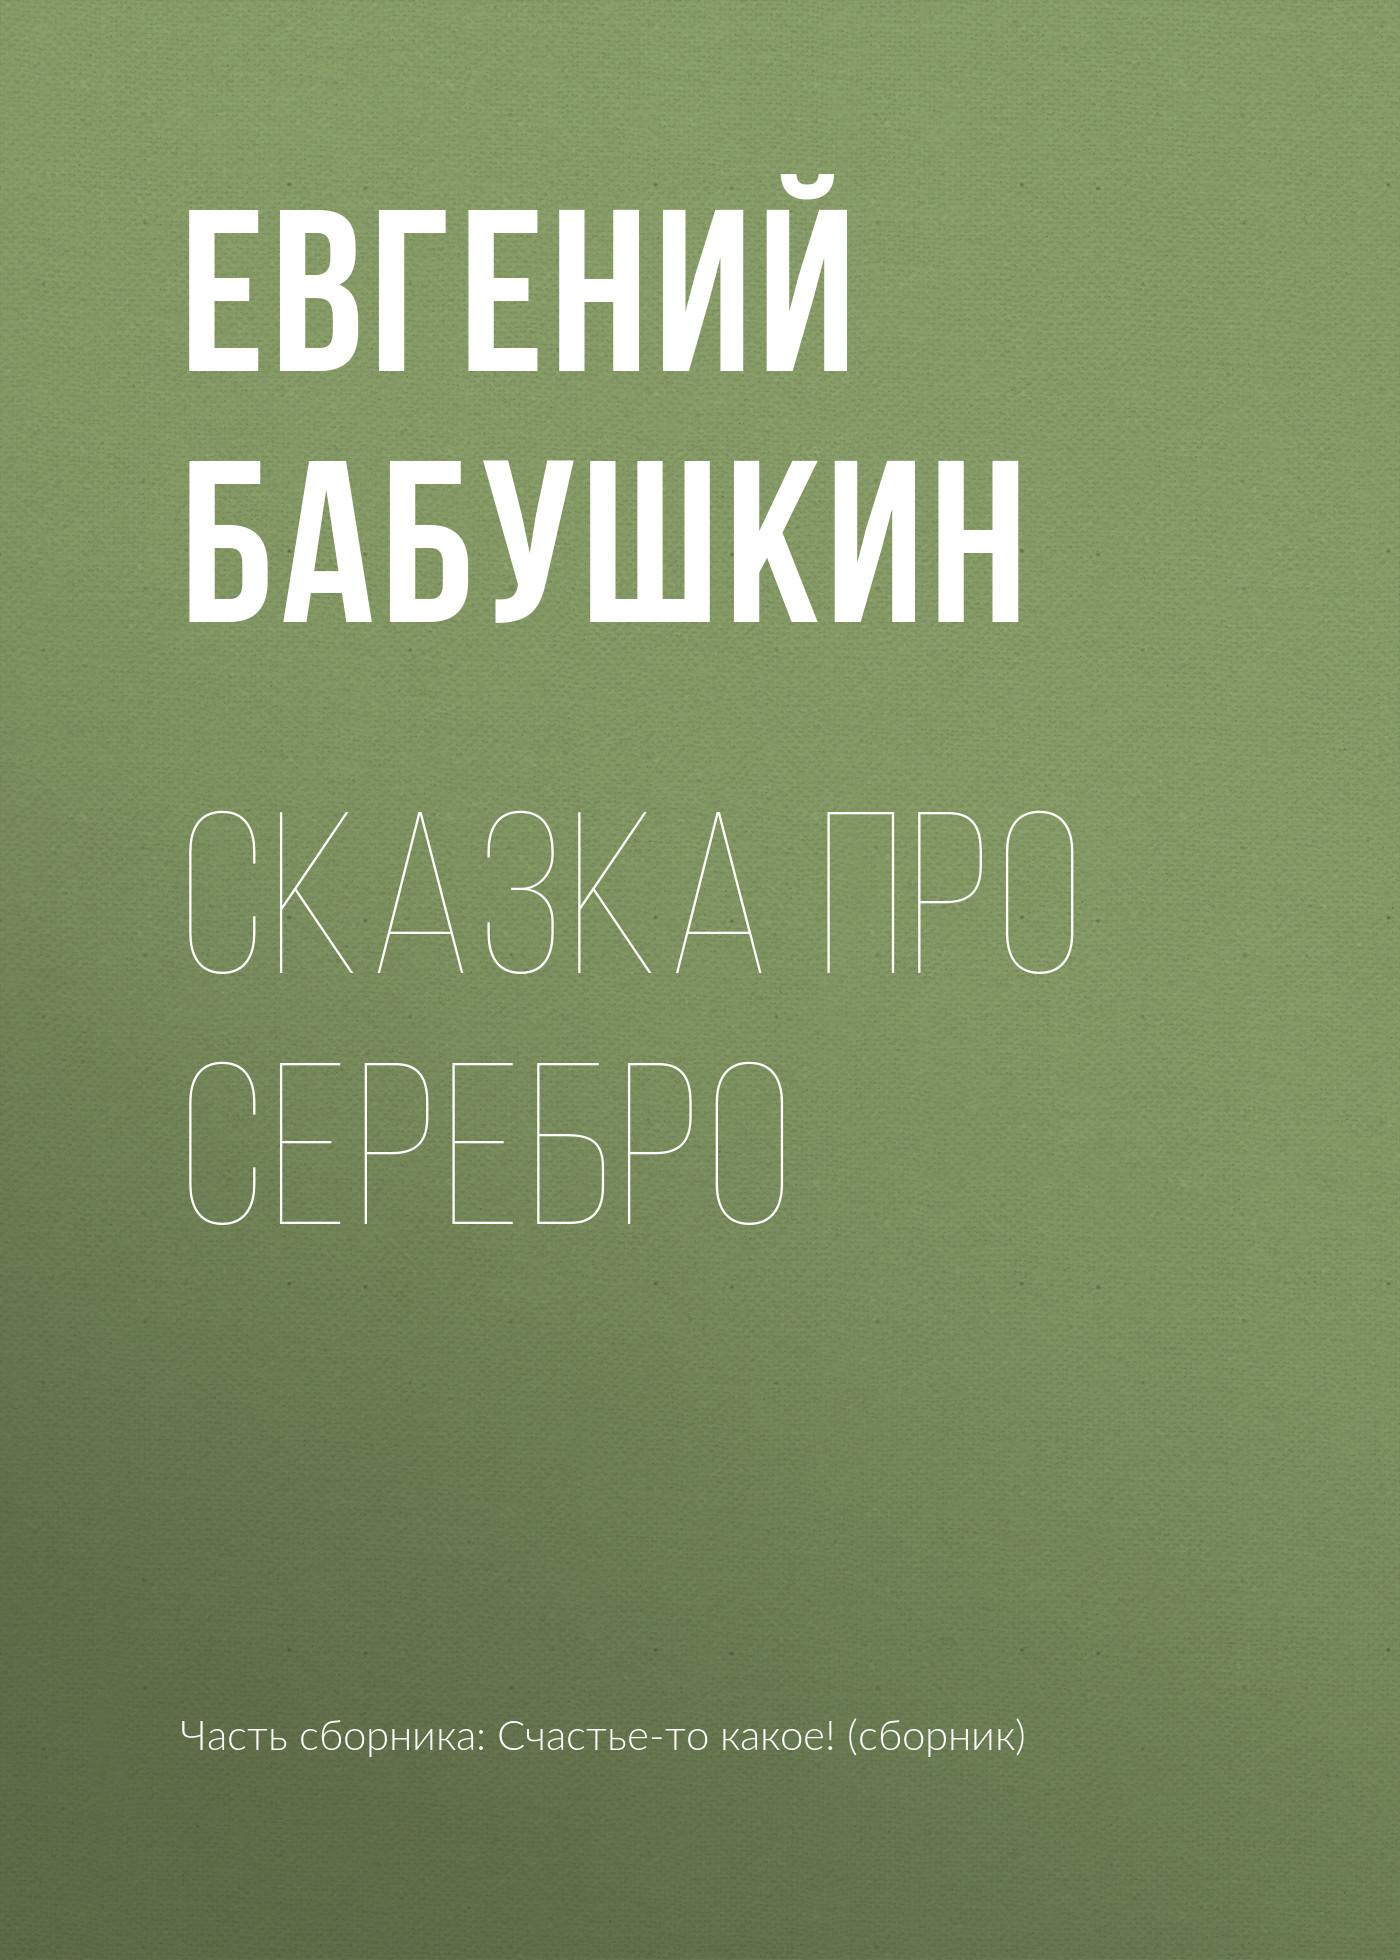 Евгений Бабушкин «Сказка про серебро»